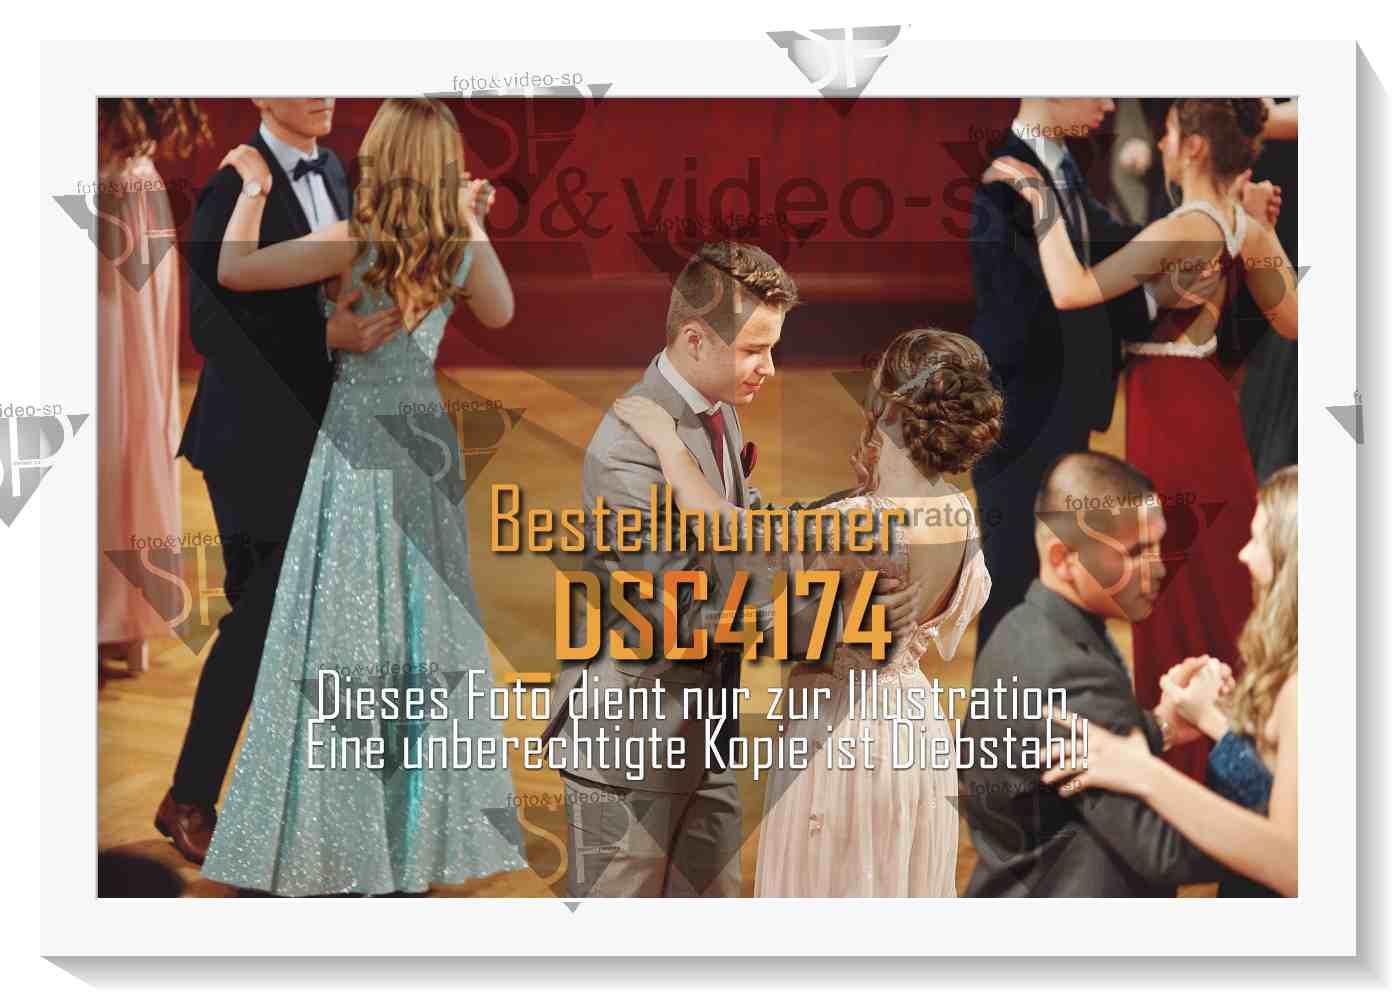 DSC4174